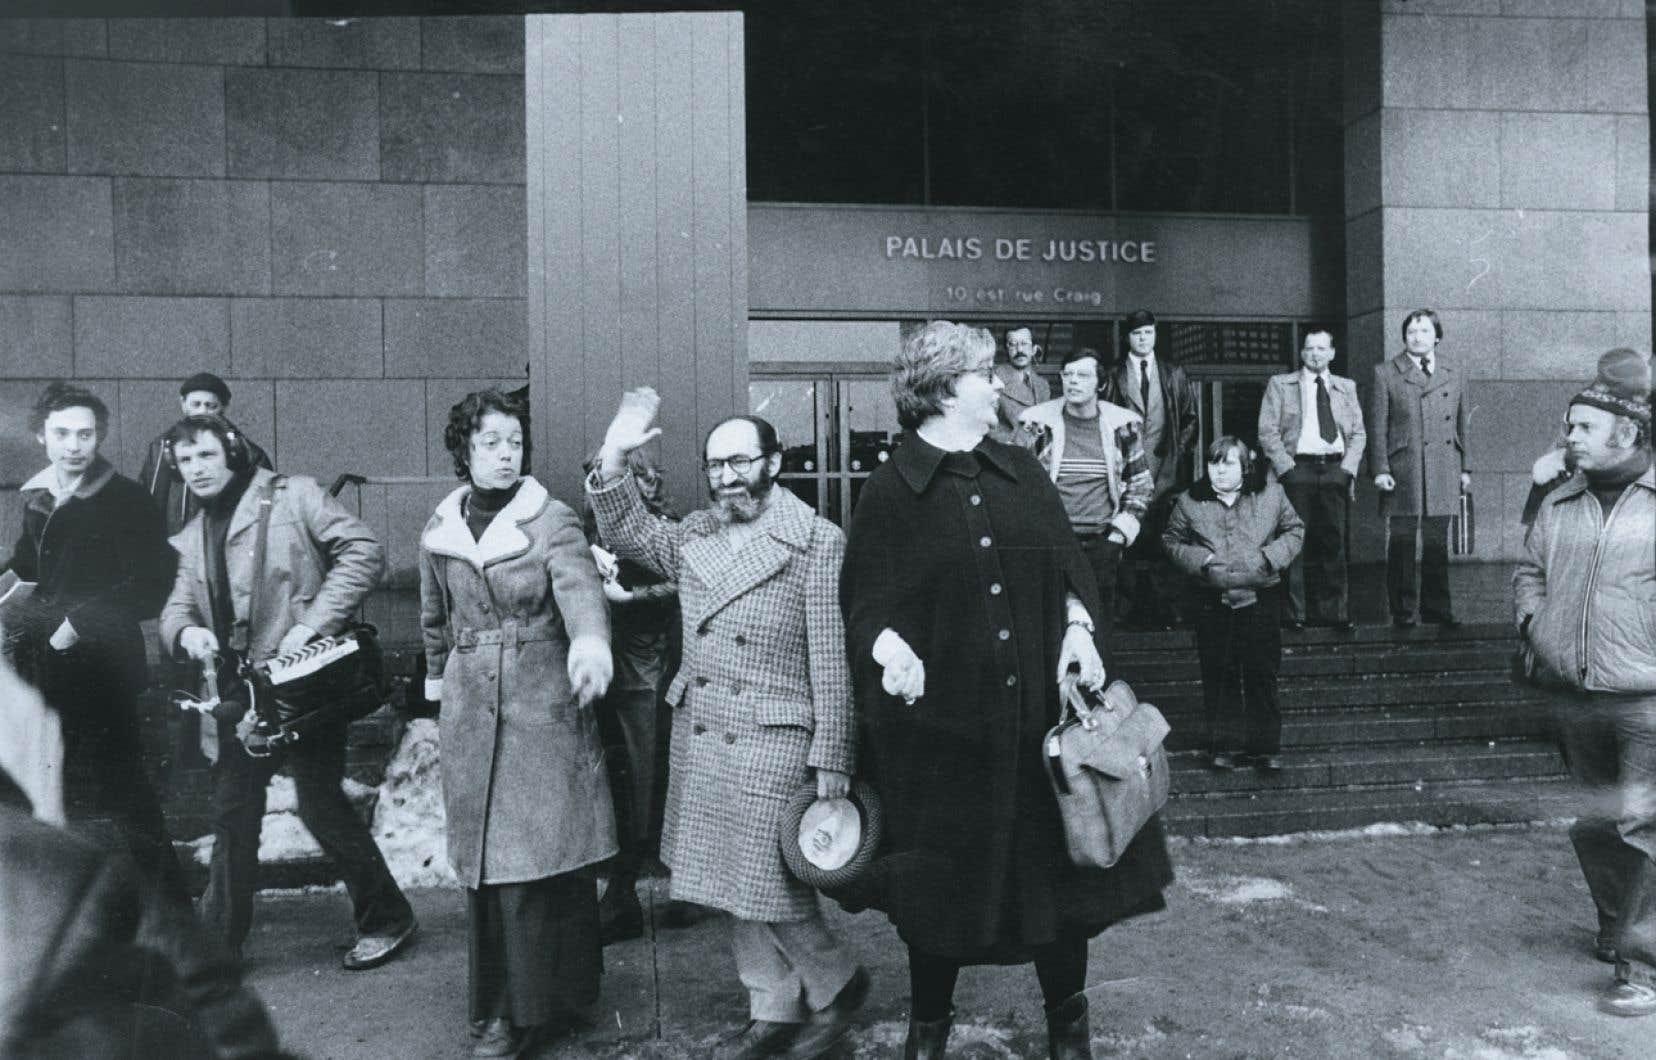 Henry Morgentaler, un médecin de famille montréalais, avait été propulsé à l'avant-scène en 1967 en devenant le principal défenseur du droit des femmes à obtenir des avortements sur demande.